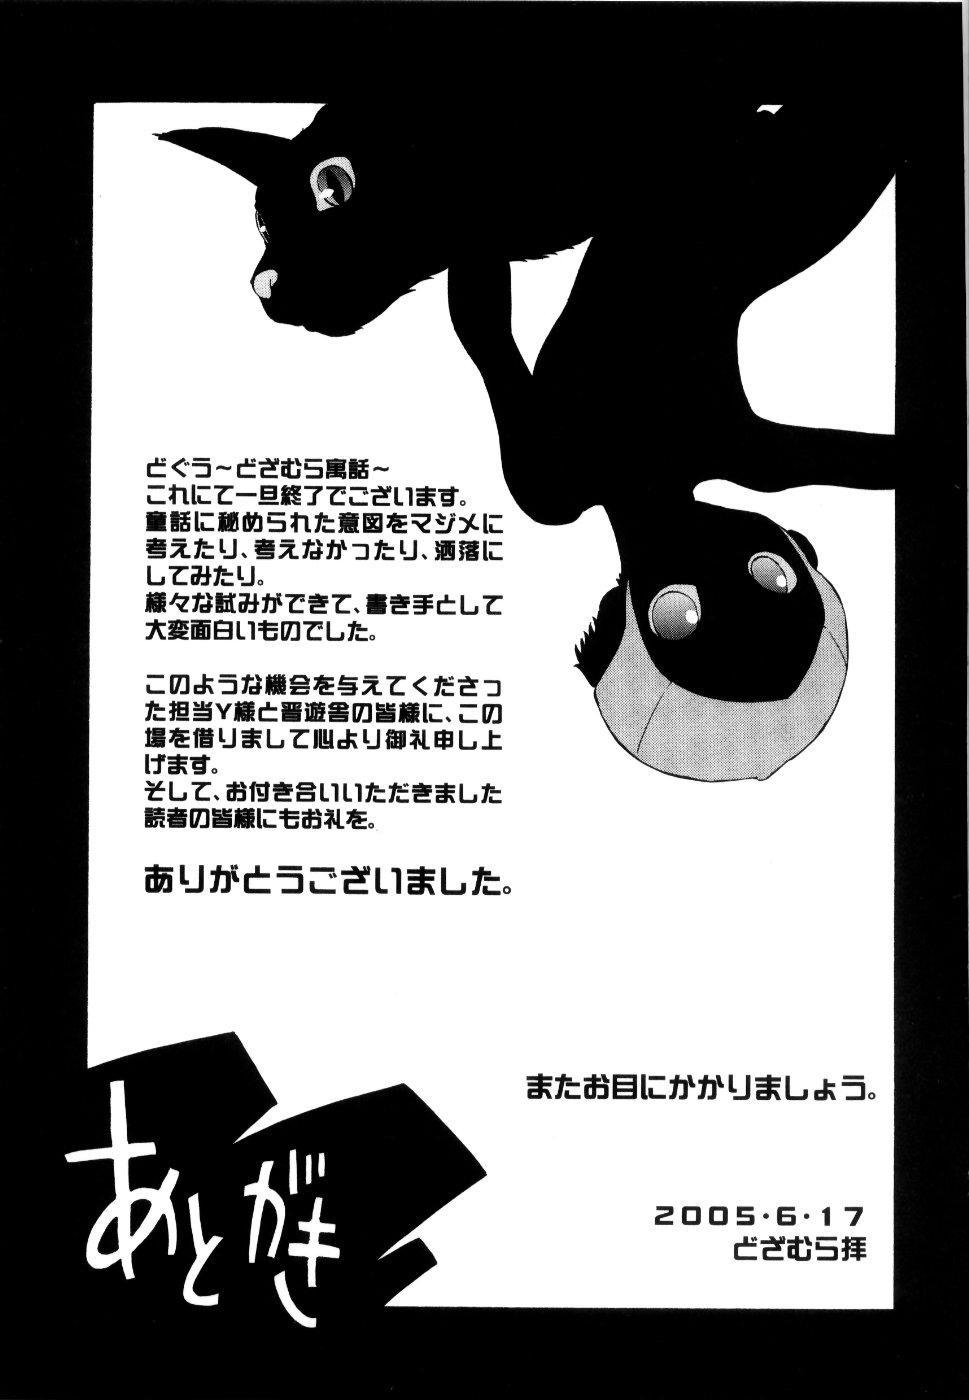 [Dozamura] Doguu -Dozamura Guuwa- Kuro 231